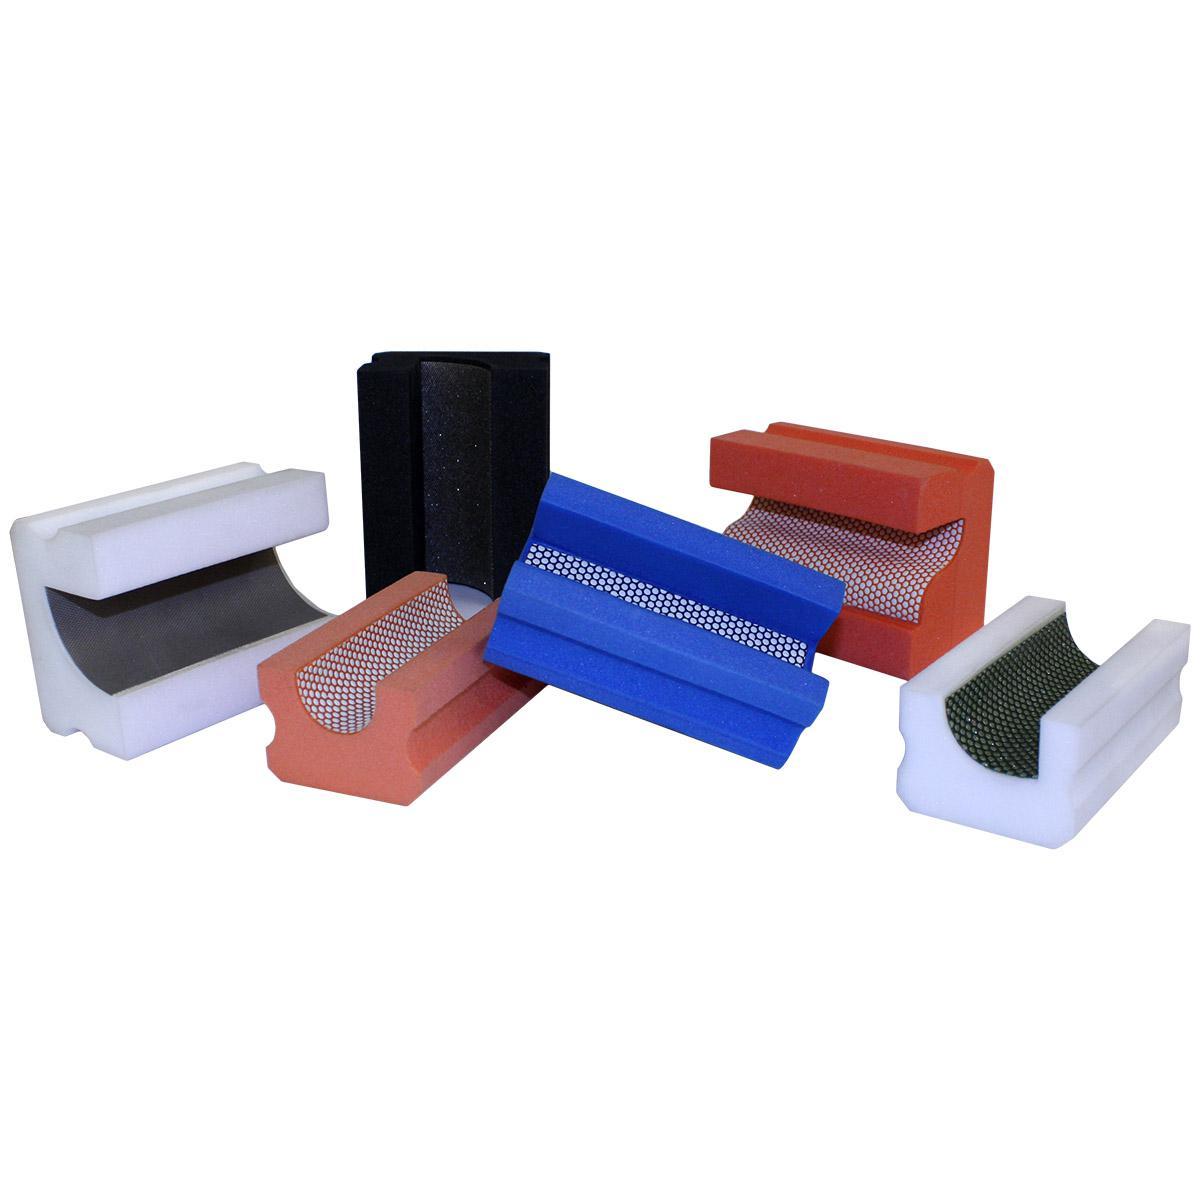 Затир ручной (профиль V) h-30 мм, зерно 500 (белая, полимер)